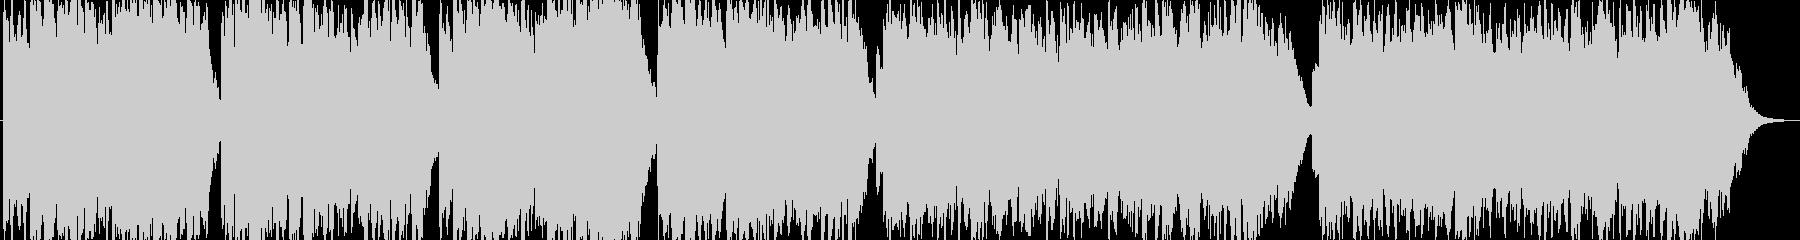 カルリ作曲のAndantinoですの未再生の波形